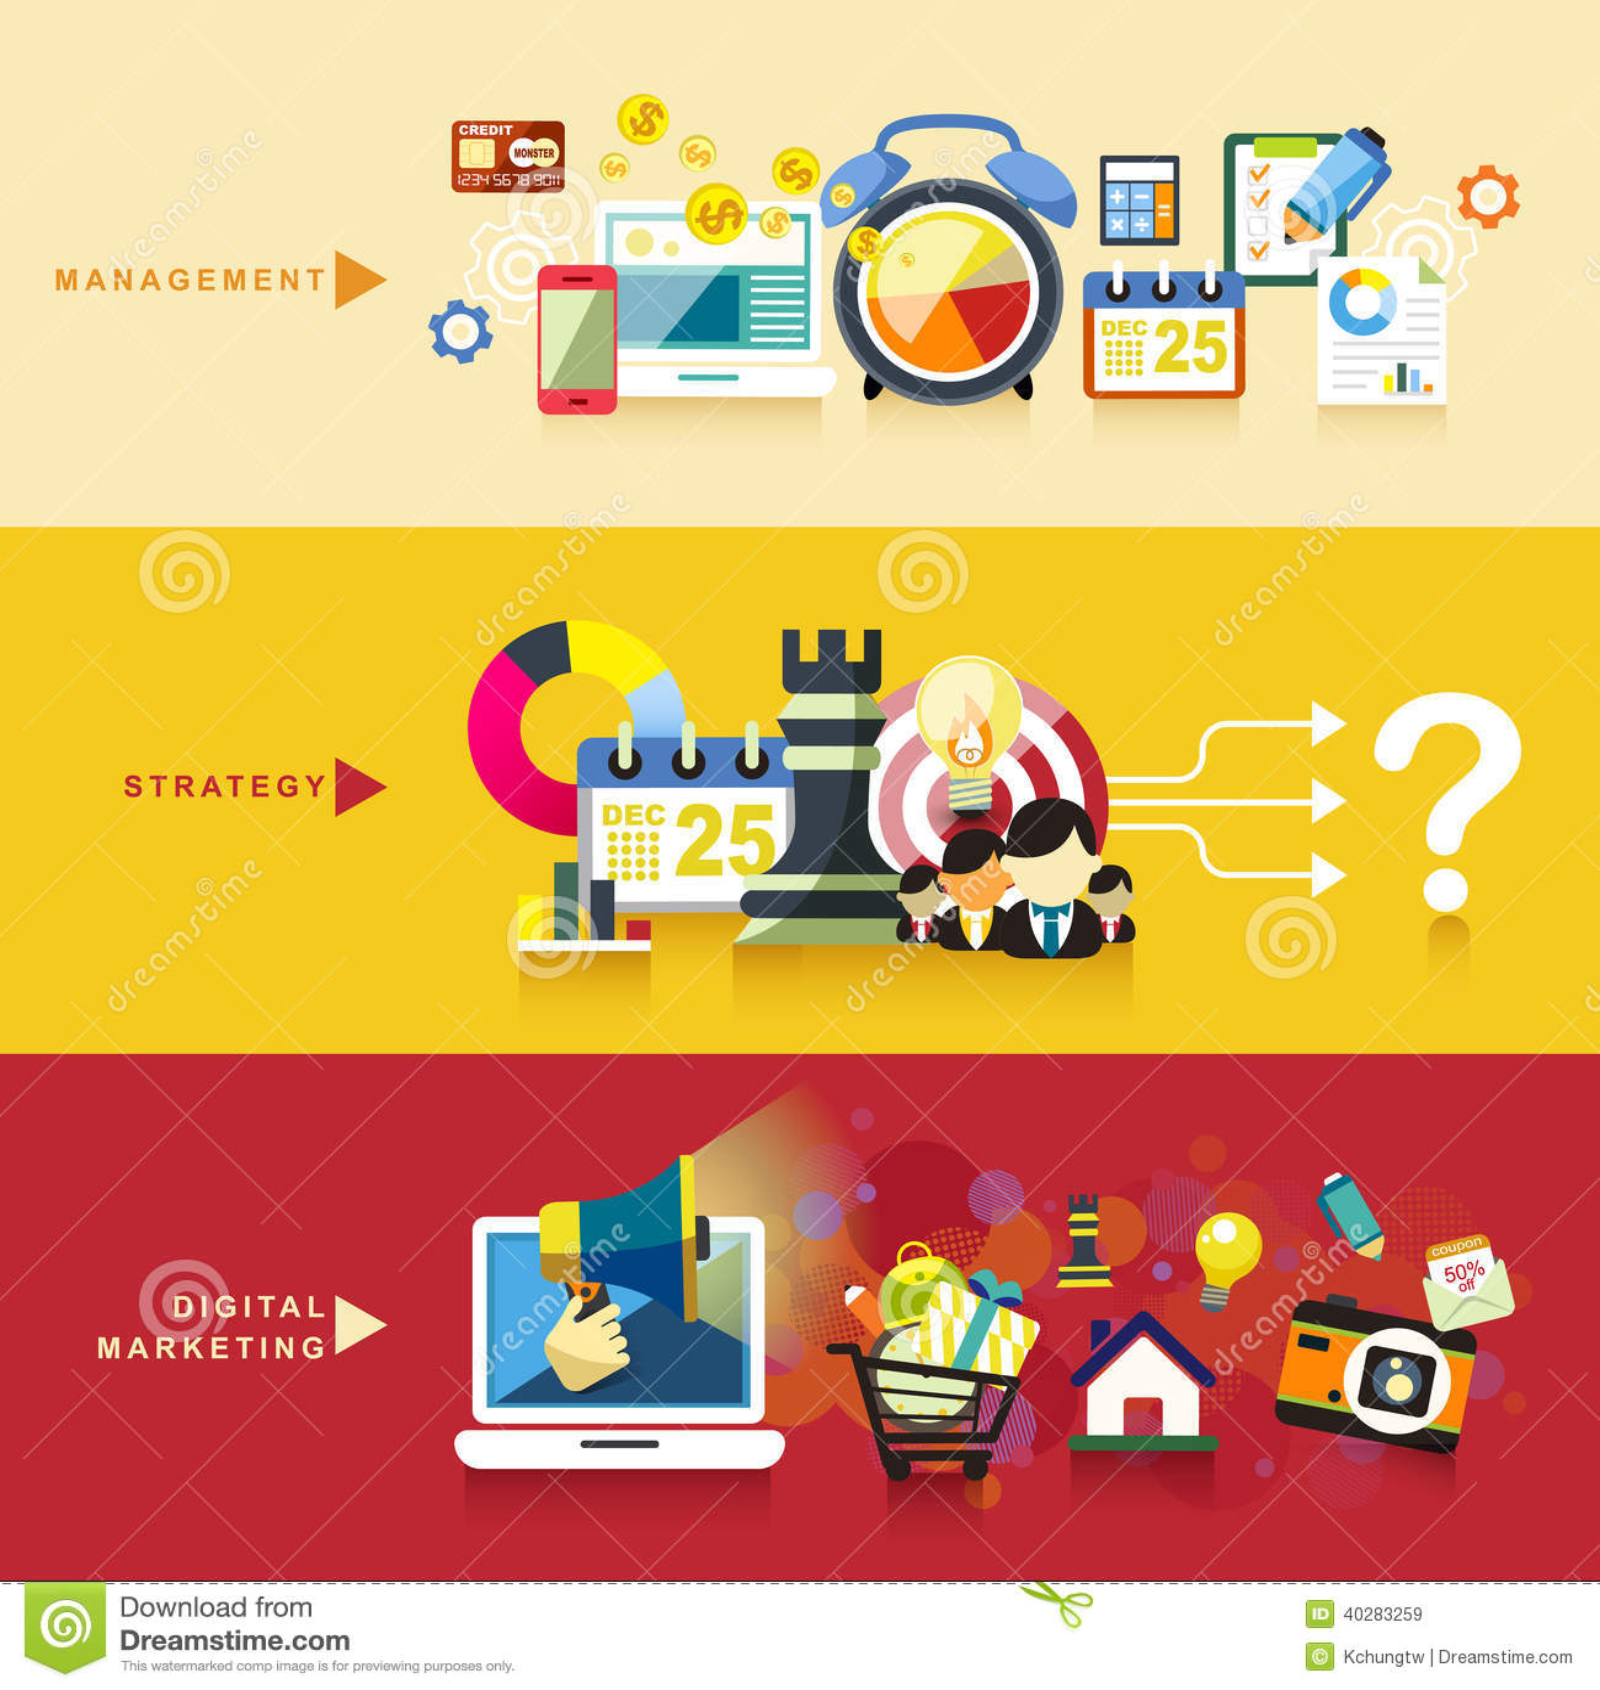 Плоский дизайн для управления, стратегии и цифрового маркетинга